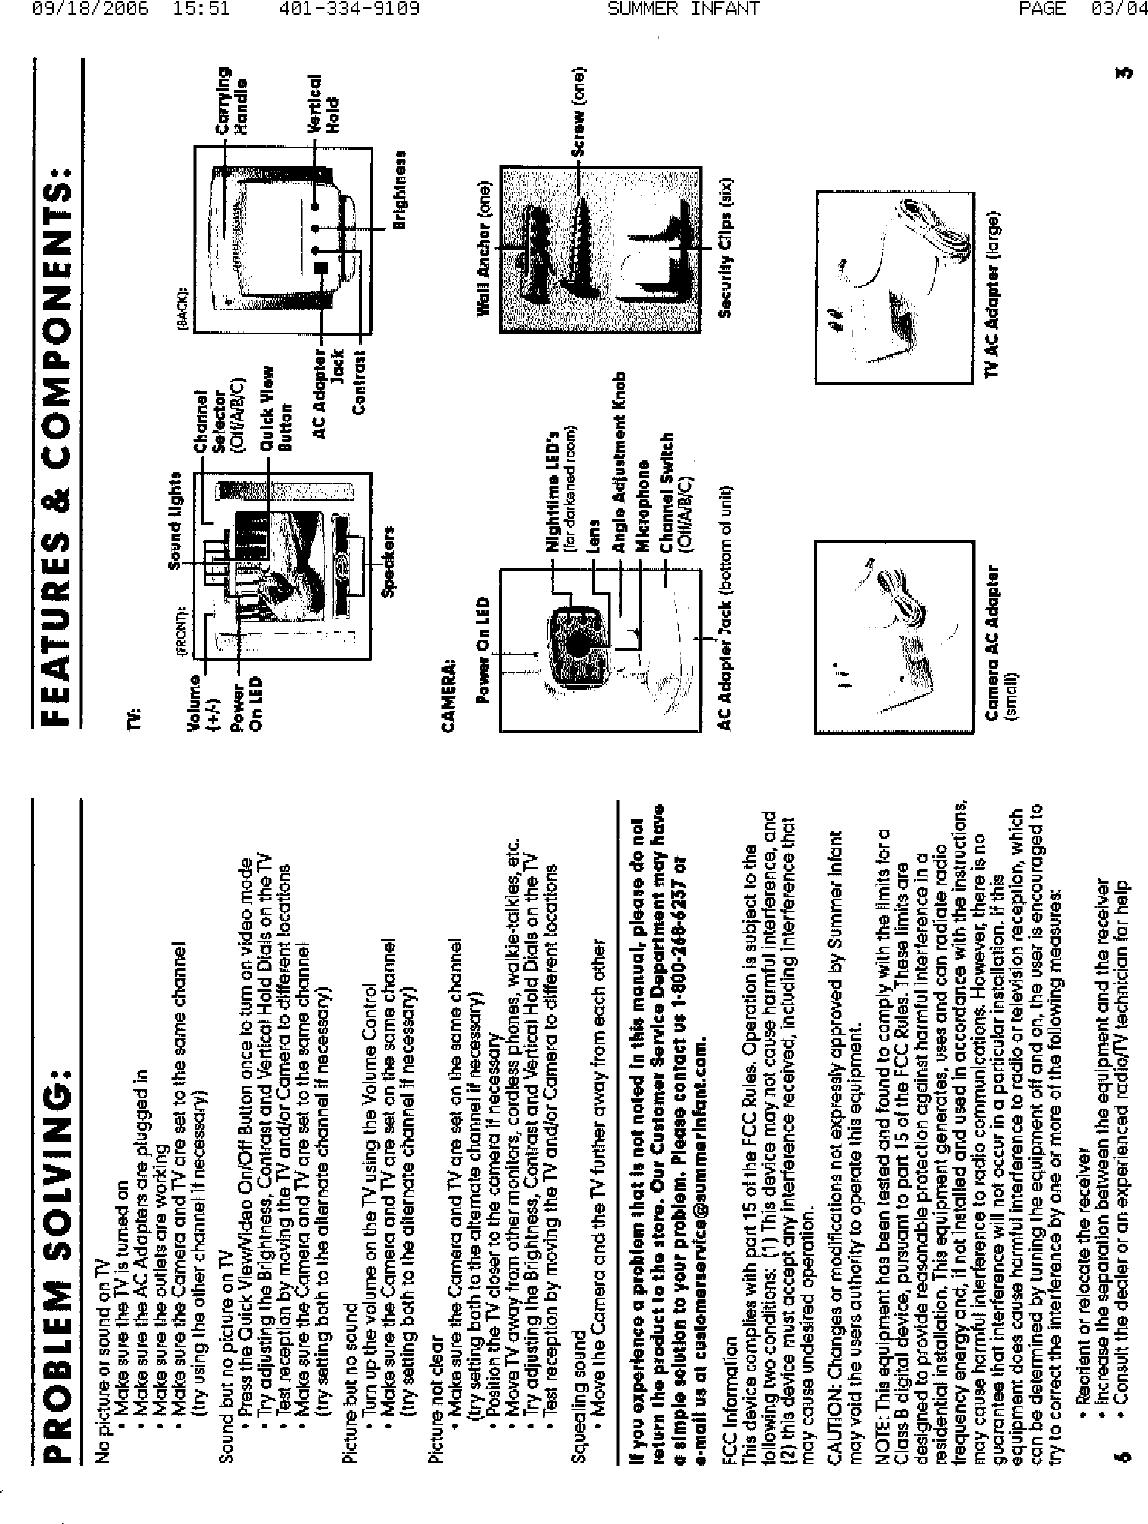 samsung baby monitor user manual